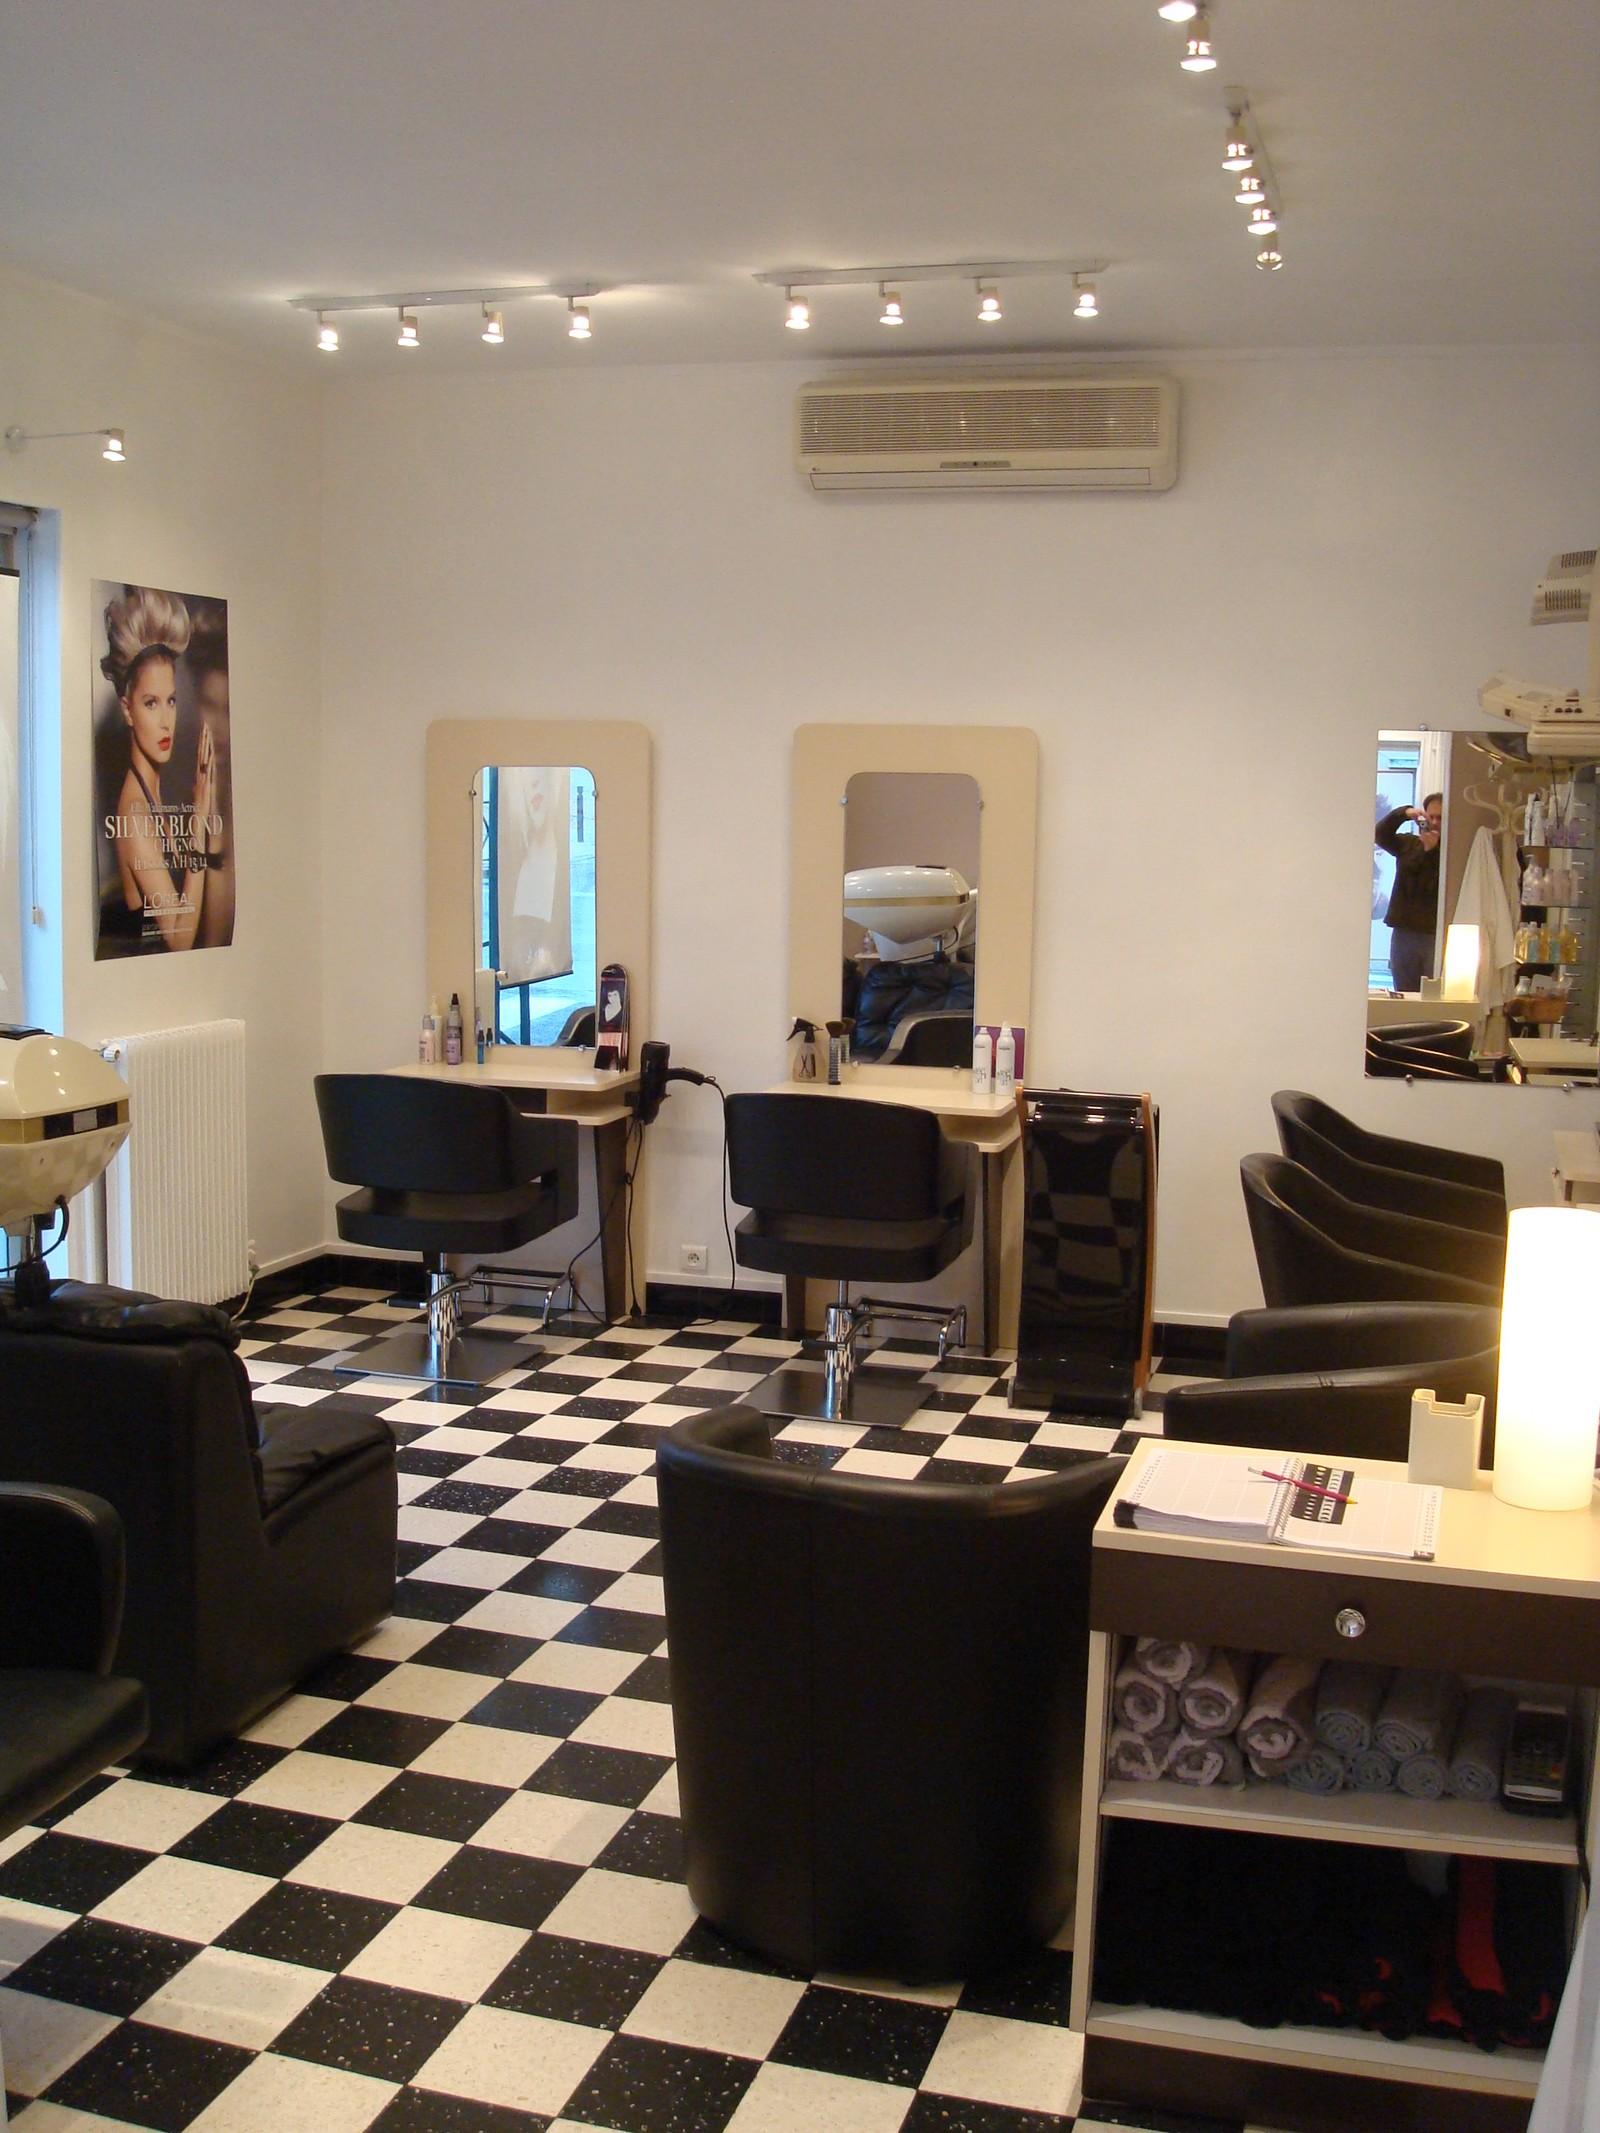 Accueil coiffure gabriel laurendeau for Accueil salon de coiffure